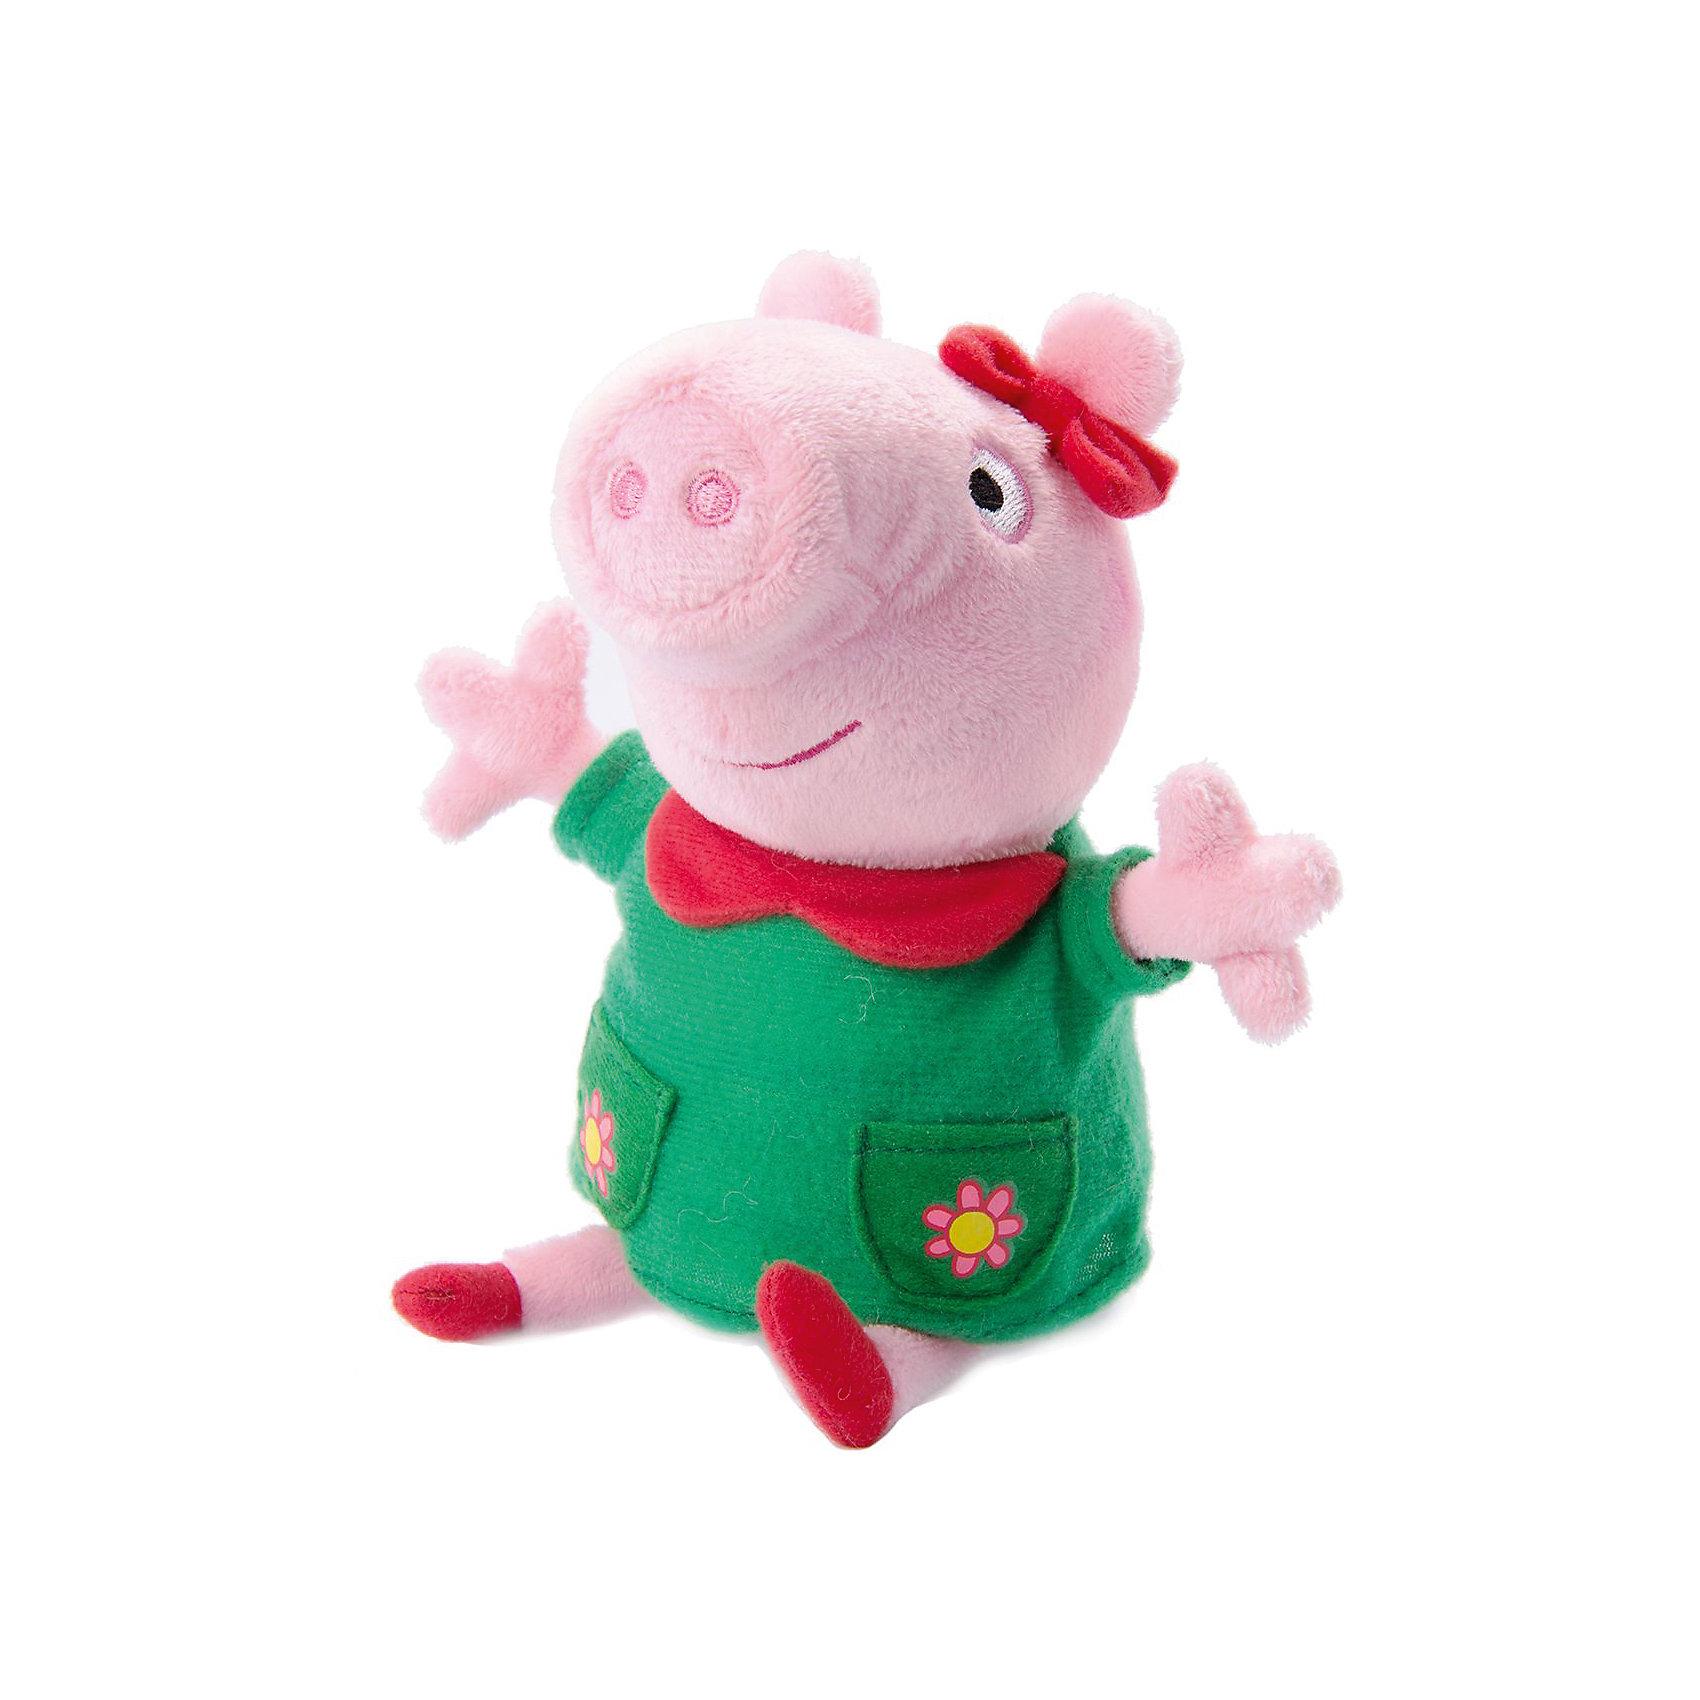 Мягкая игрушка Пеппа модница озвученная, 20 см, Peppa PigМягкая игрушка Пеппа модница озвученная, 20 см, Peppa Pig (Свинка Пеппа). <br><br>Характеристика:<br><br>• Материал: пластик, текстиль, плюш.  <br>• Размер игрушки: 20 см.<br>• Комплектация: игрушка, платья (2 шт). <br>• Звуковые эффекты: 4 фразы, 5 стихов, 5 полезных советов,1 песня.<br>• Элемент питания: 3 батарейки AG13 или LR44 (в комплекте демонстрационные). <br><br>Дети обожают мягкие игрушки! Игрушка в виде любимой героини всех малышей, Свинки Пеппы, приведет в восторг любого ребенка. Пеппа-модница в очаровательном платье, с бантиками на голове и милых тапочках на лапках умеет произносить фразы петь веселые песенки, рассказывать стихи и даже даст пару хороших советов! В комплекте также есть два очаровательных платьица на все случаи. Прекрасный подарок для всех поклонников Peppa Pig!  <br><br>Мягкую игрушку Пеппа модница, озвученная, 20 см, Peppa Pig (Свинка Пеппа), можно купить в нашем интернет-магазине.<br><br>Ширина мм: 230<br>Глубина мм: 215<br>Высота мм: 115<br>Вес г: 290<br>Возраст от месяцев: 36<br>Возраст до месяцев: 2147483647<br>Пол: Унисекс<br>Возраст: Детский<br>SKU: 5211681